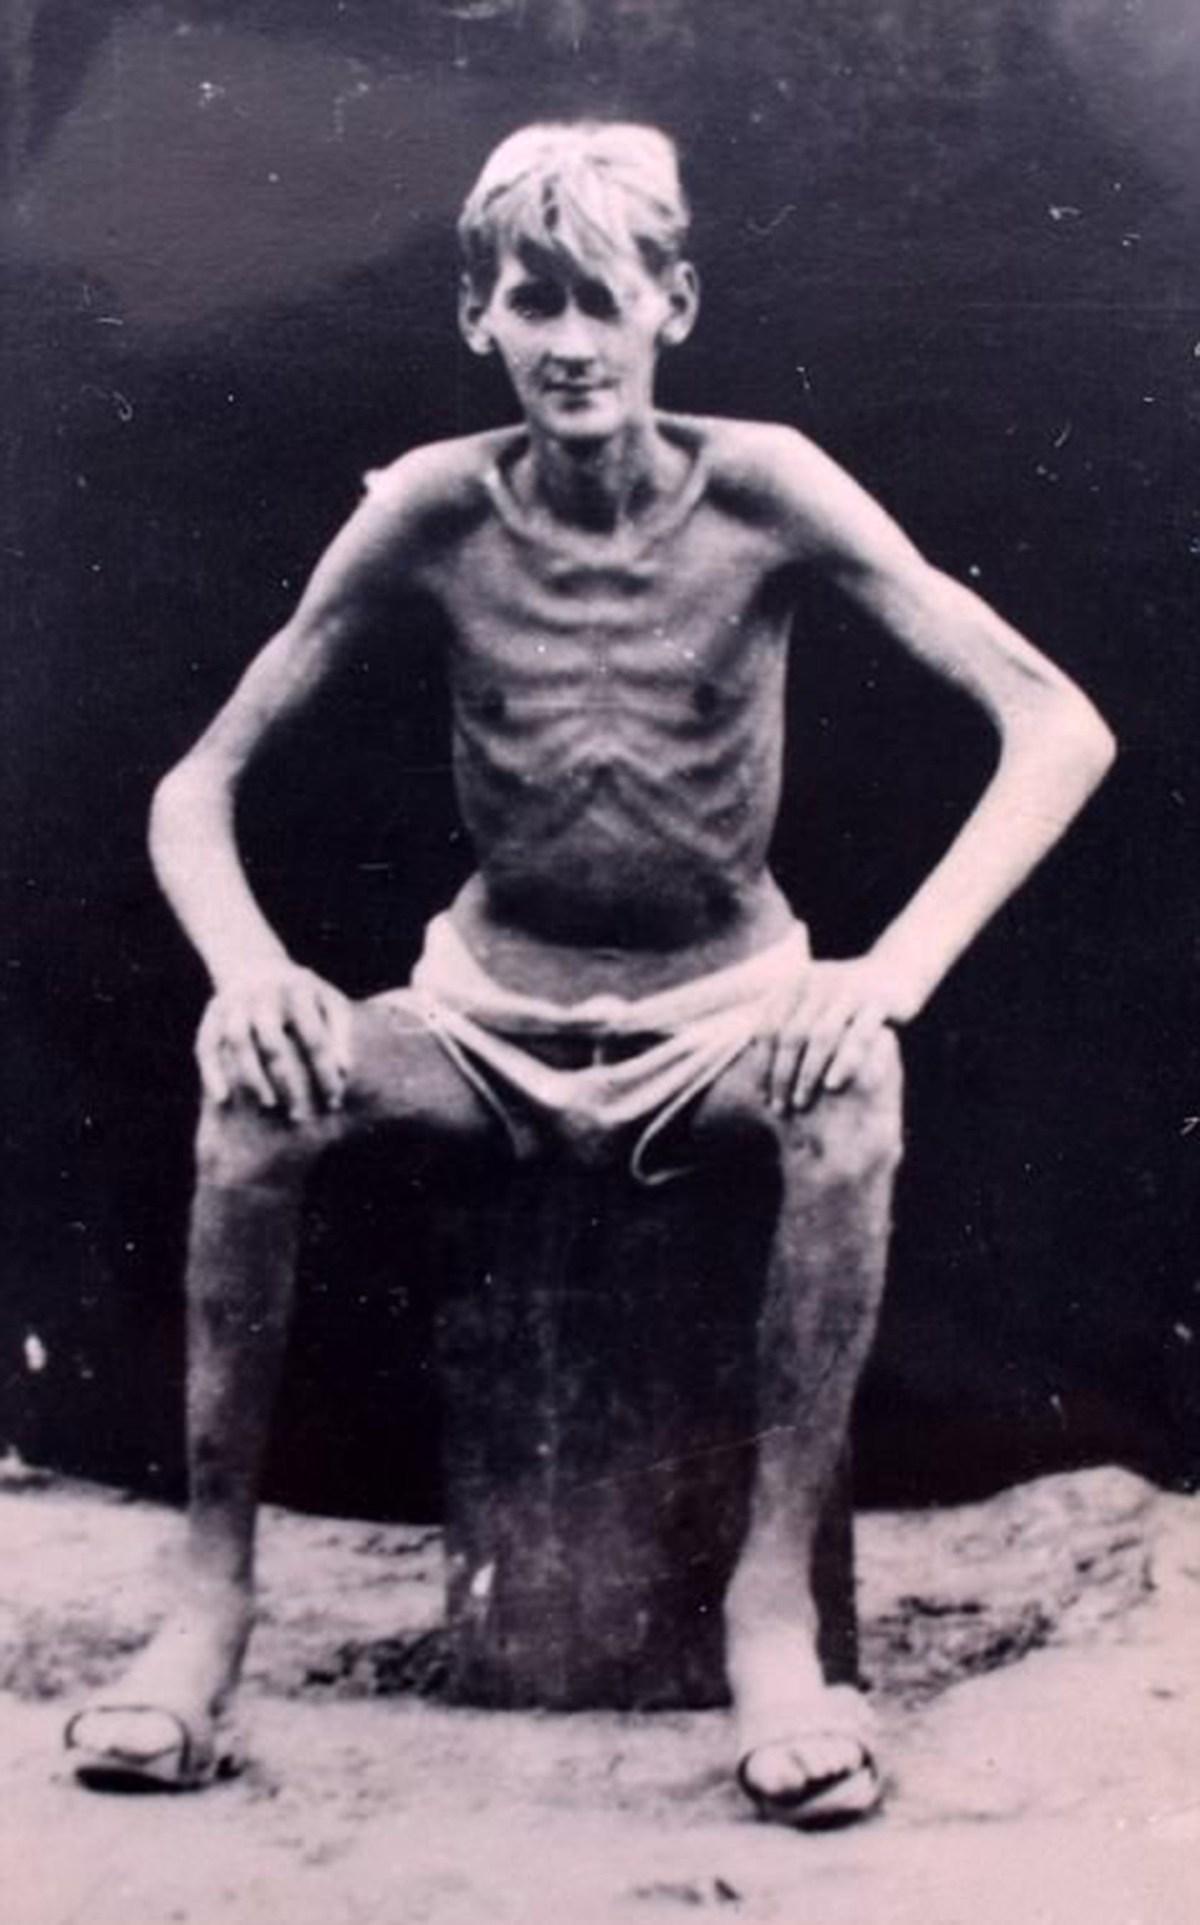 Un soldado británico, reducido a piel y huesos